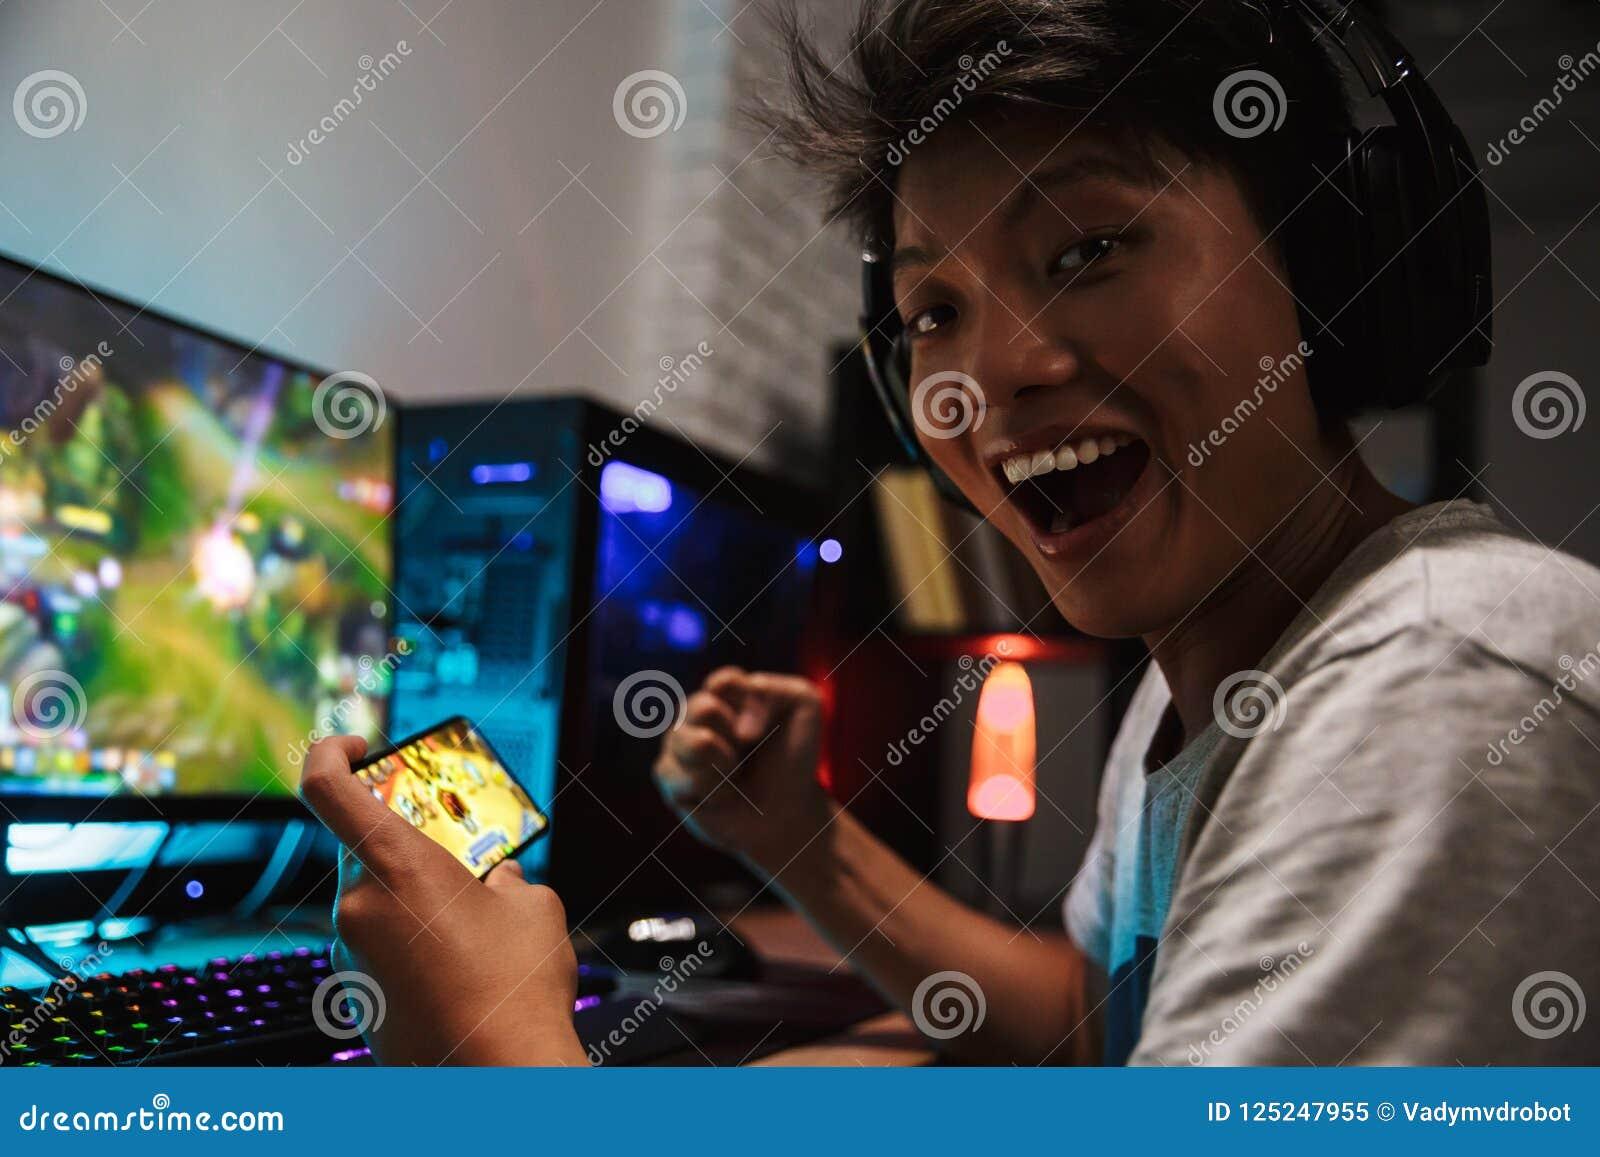 Asiatisk lycklig gamerpojkefröjd, medan spela videospel på sma